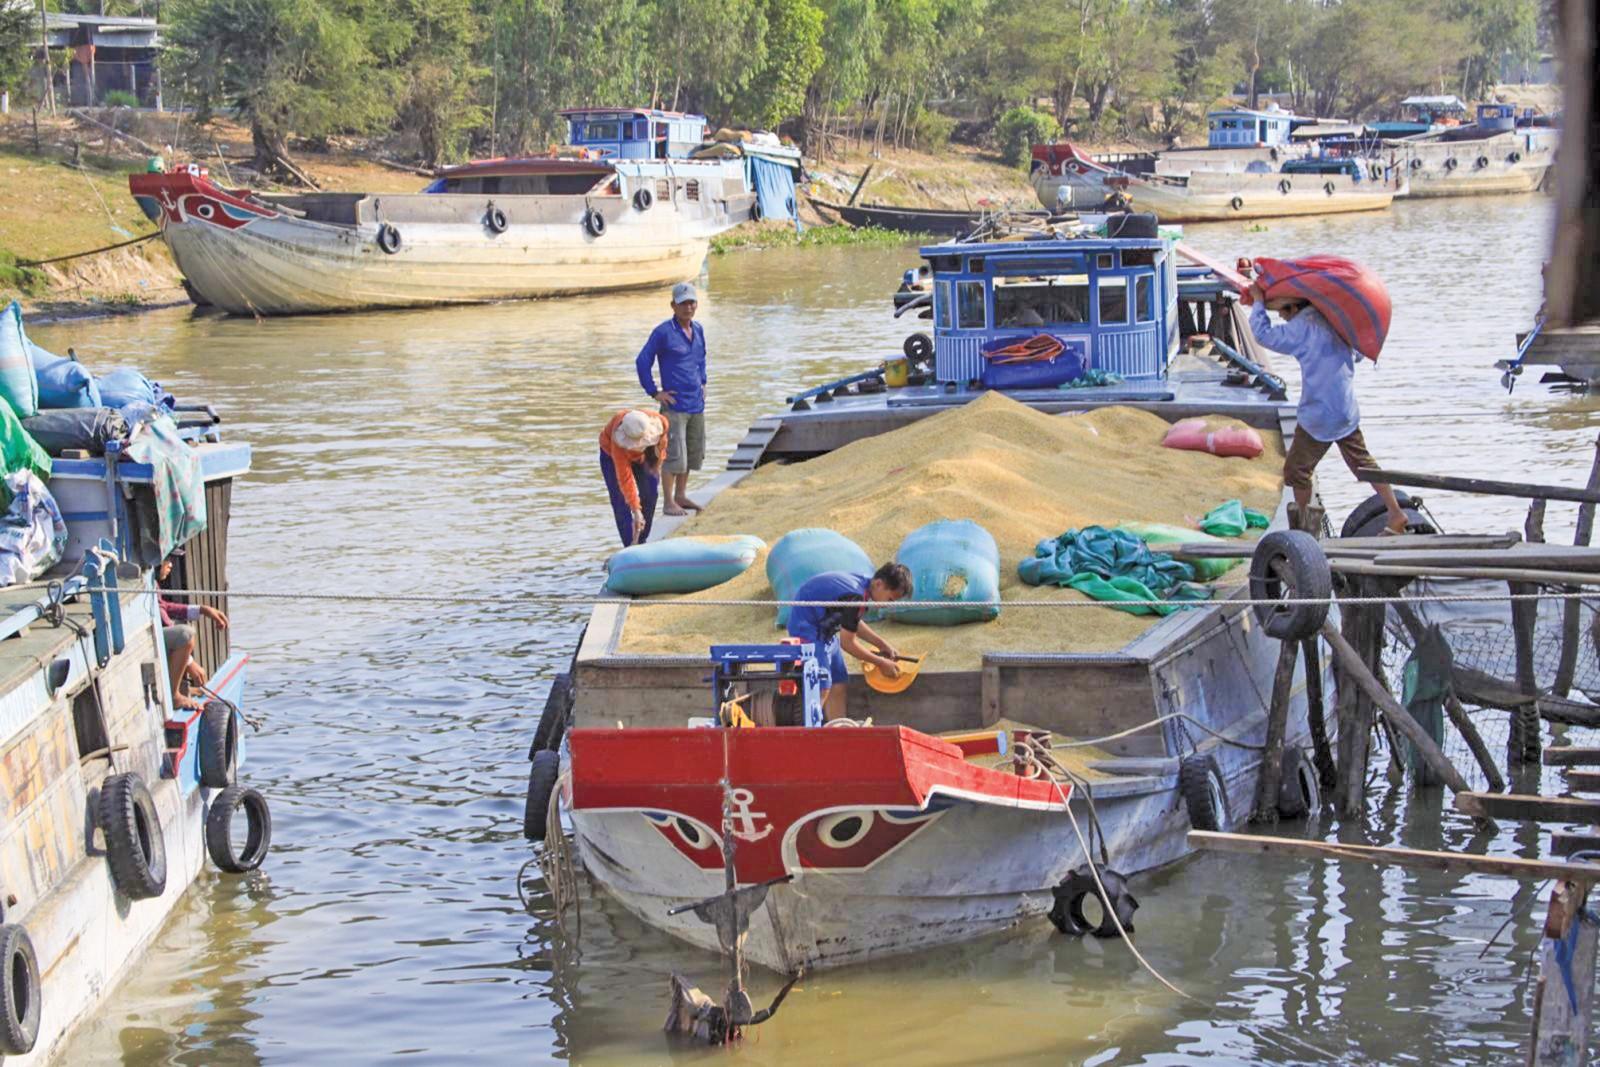 Mua lúa trên kênh Vĩnh Tế, An Giang (ảnh tư liệu). Ảnh: CHÂU LAN